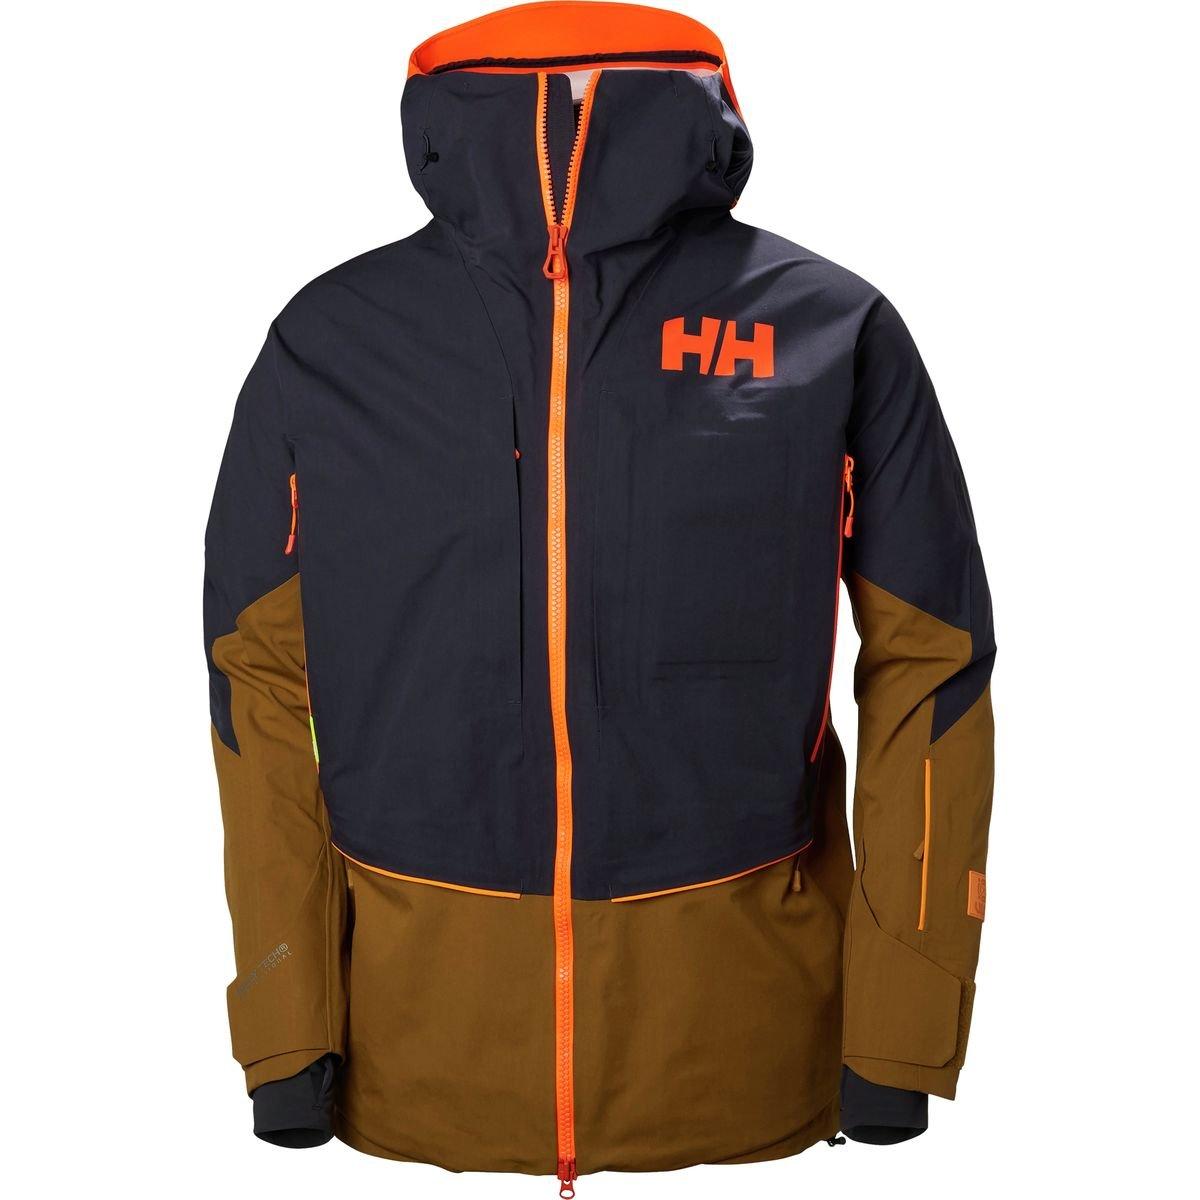 (ヘリーハンセン) Helly Hansen Elevation Shell Jacket メンズ ジャケットGraphite Blue [並行輸入品] B076BF2DZG  Graphite Blue 日本サイズ L (US M)